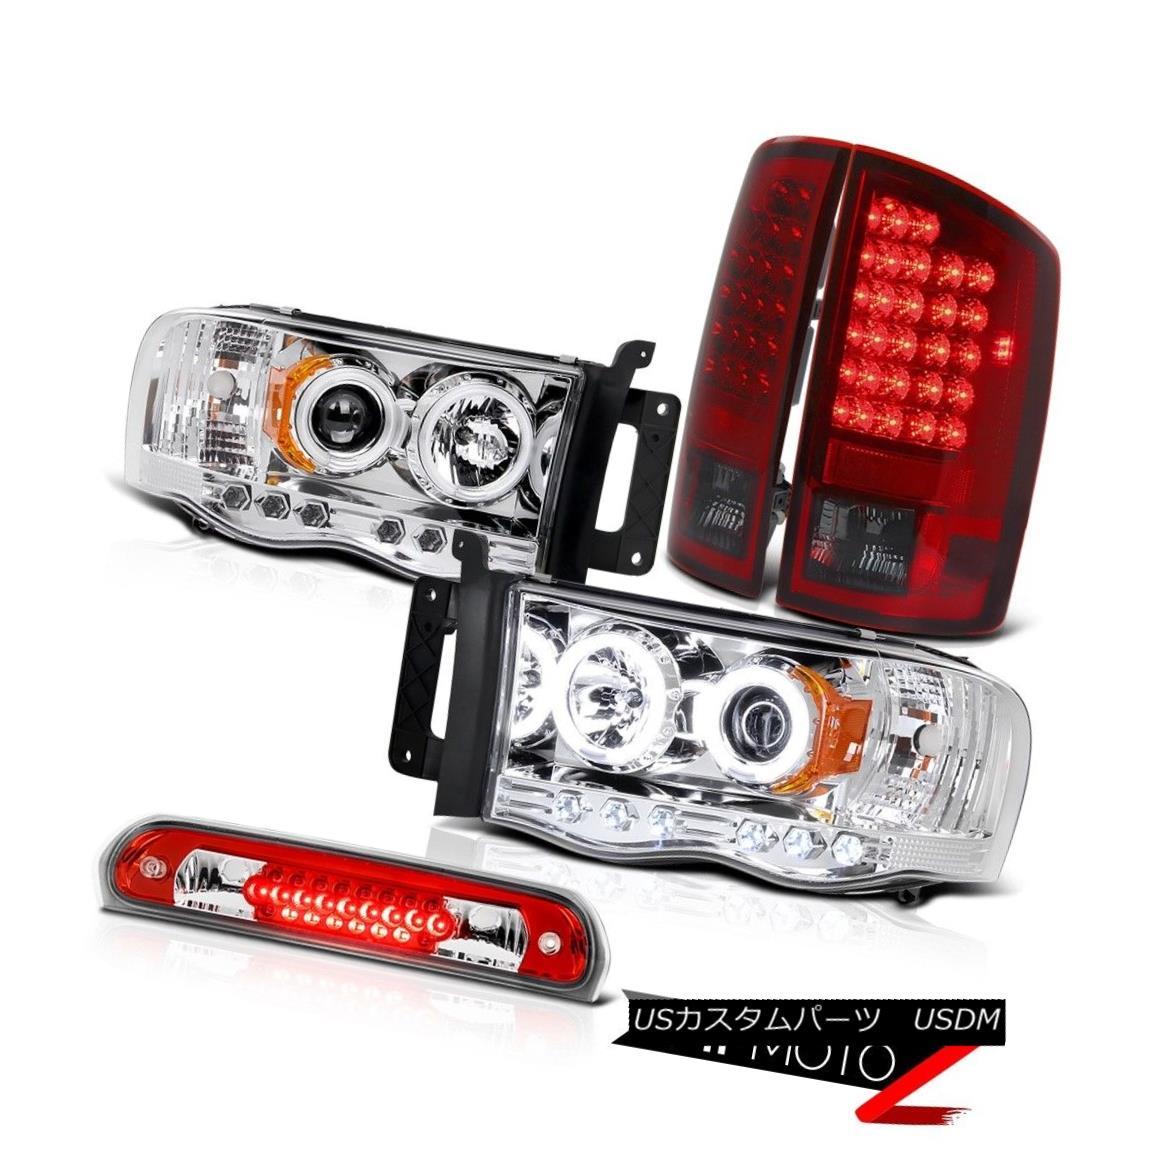 テールライト Daytime CCFL Headlights Red Smoke Tail Lights Brake Cargo LED 2002-2005 Ram WS 昼間CCFLヘッドライト赤煙テールライトブレーキカーゴLED 2002-2005 Ram WS